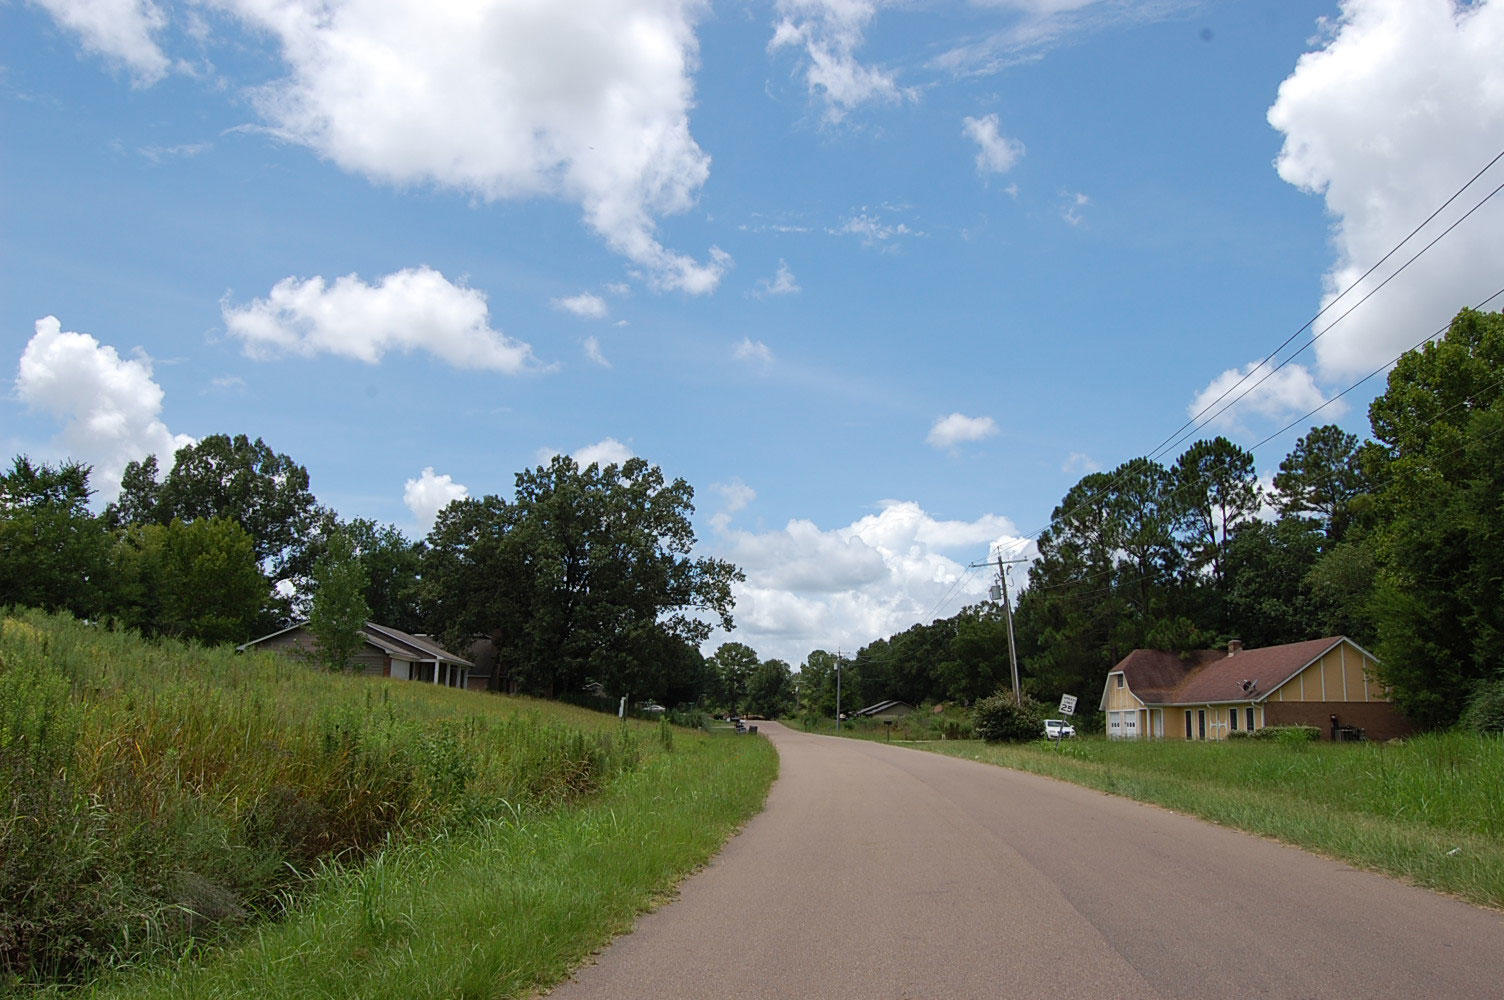 Corner Lot in Residential Neighborhood - Image 5